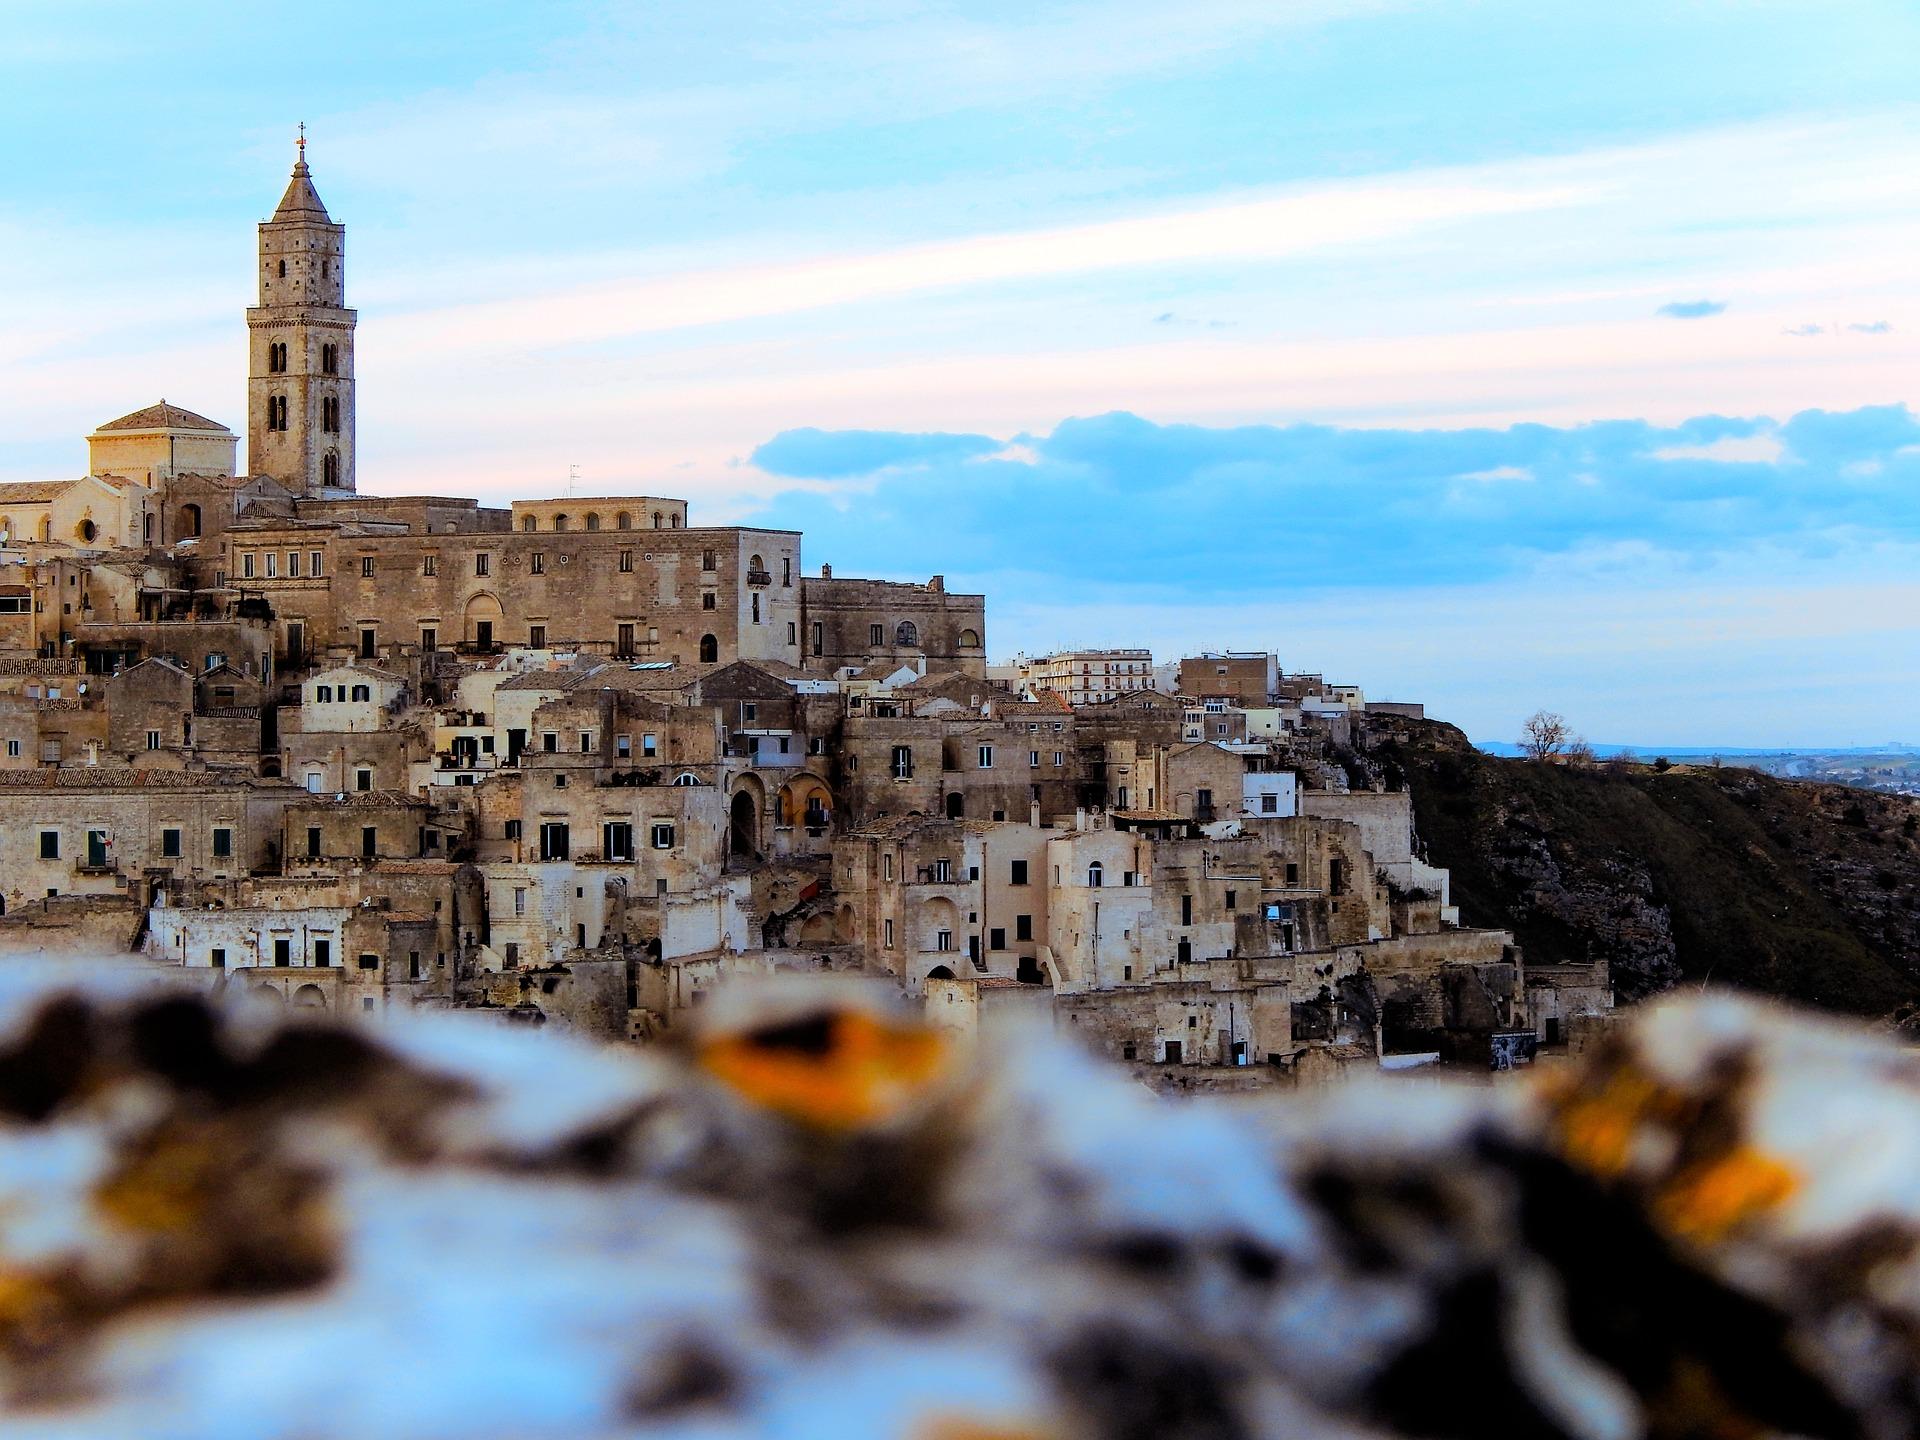 12 curiosidades sobre a região da Basilicata